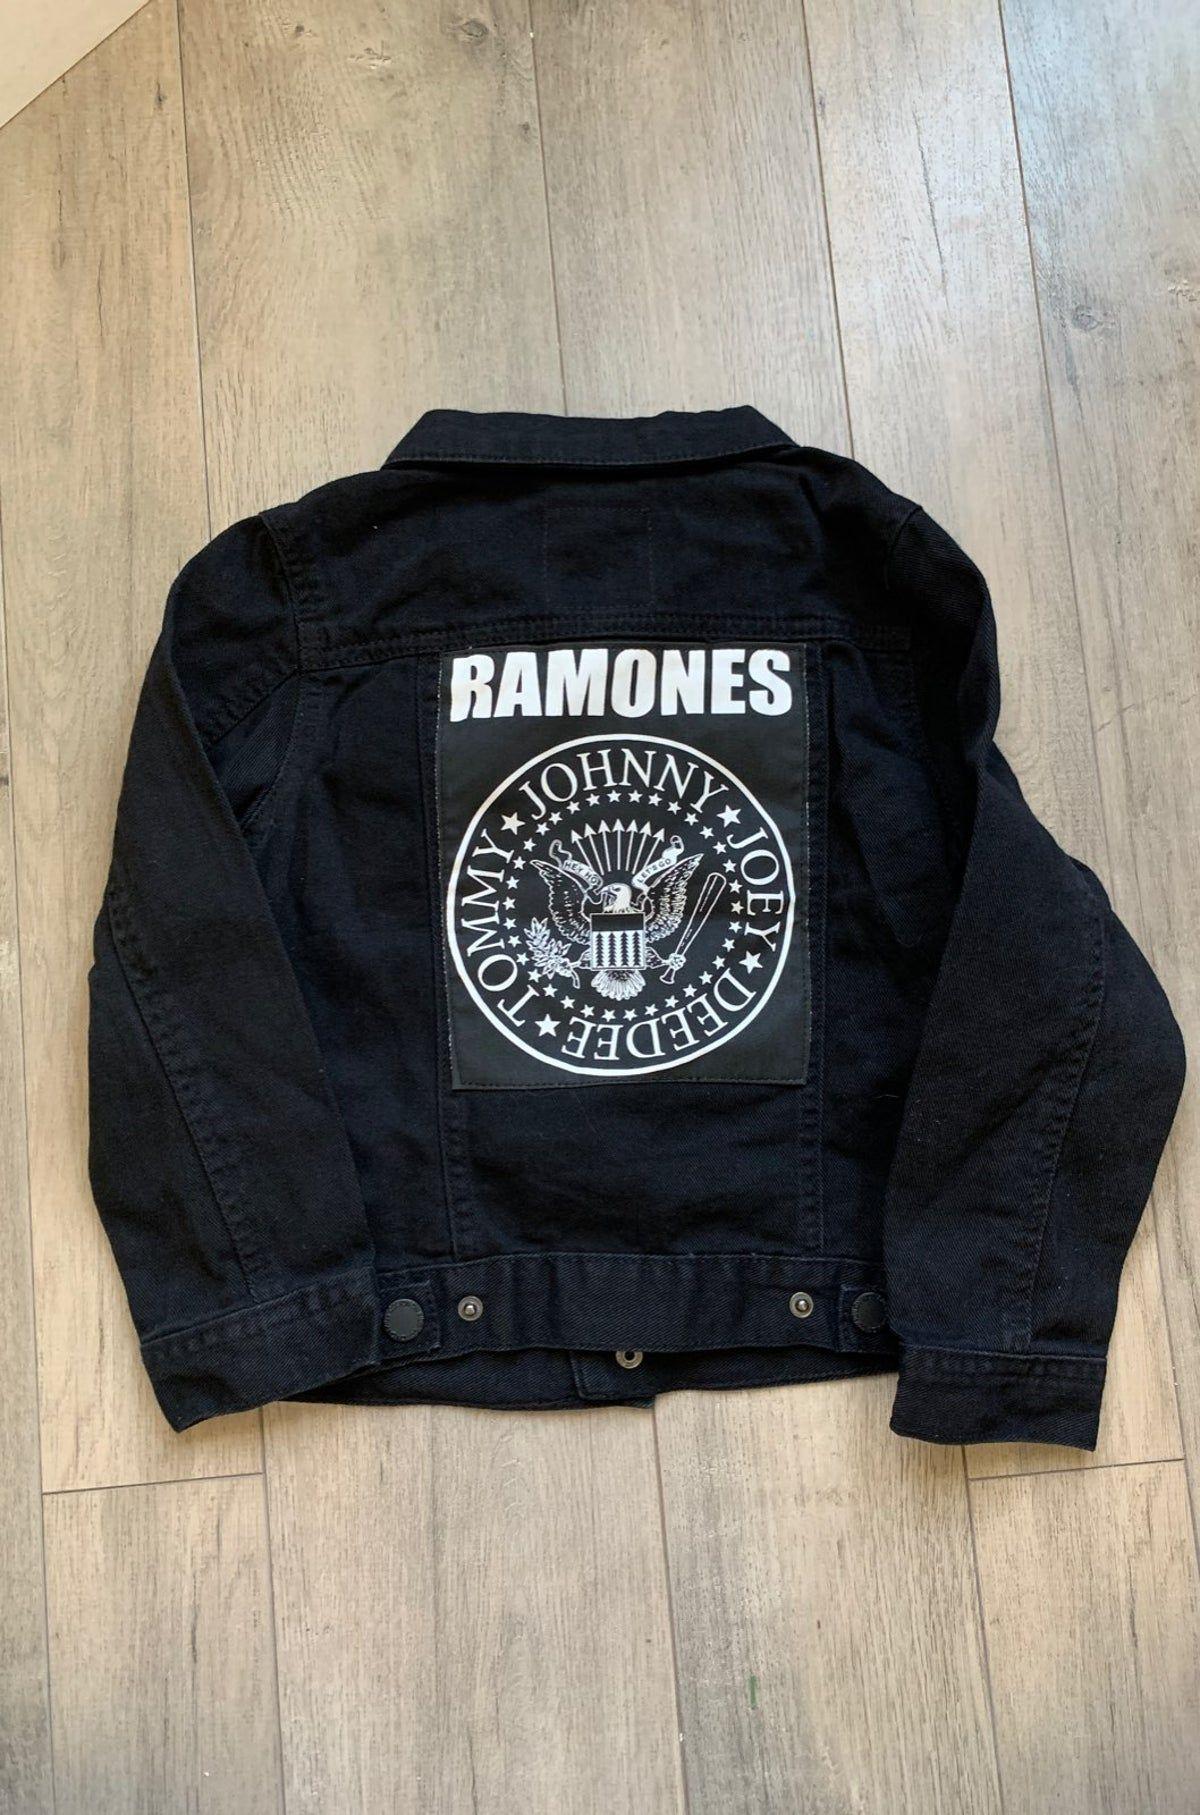 Cotton On Kids Ramones Denim Jacket On Mercari Jackets Denim Jacket Black Denim Jacket [ 1815 x 1200 Pixel ]